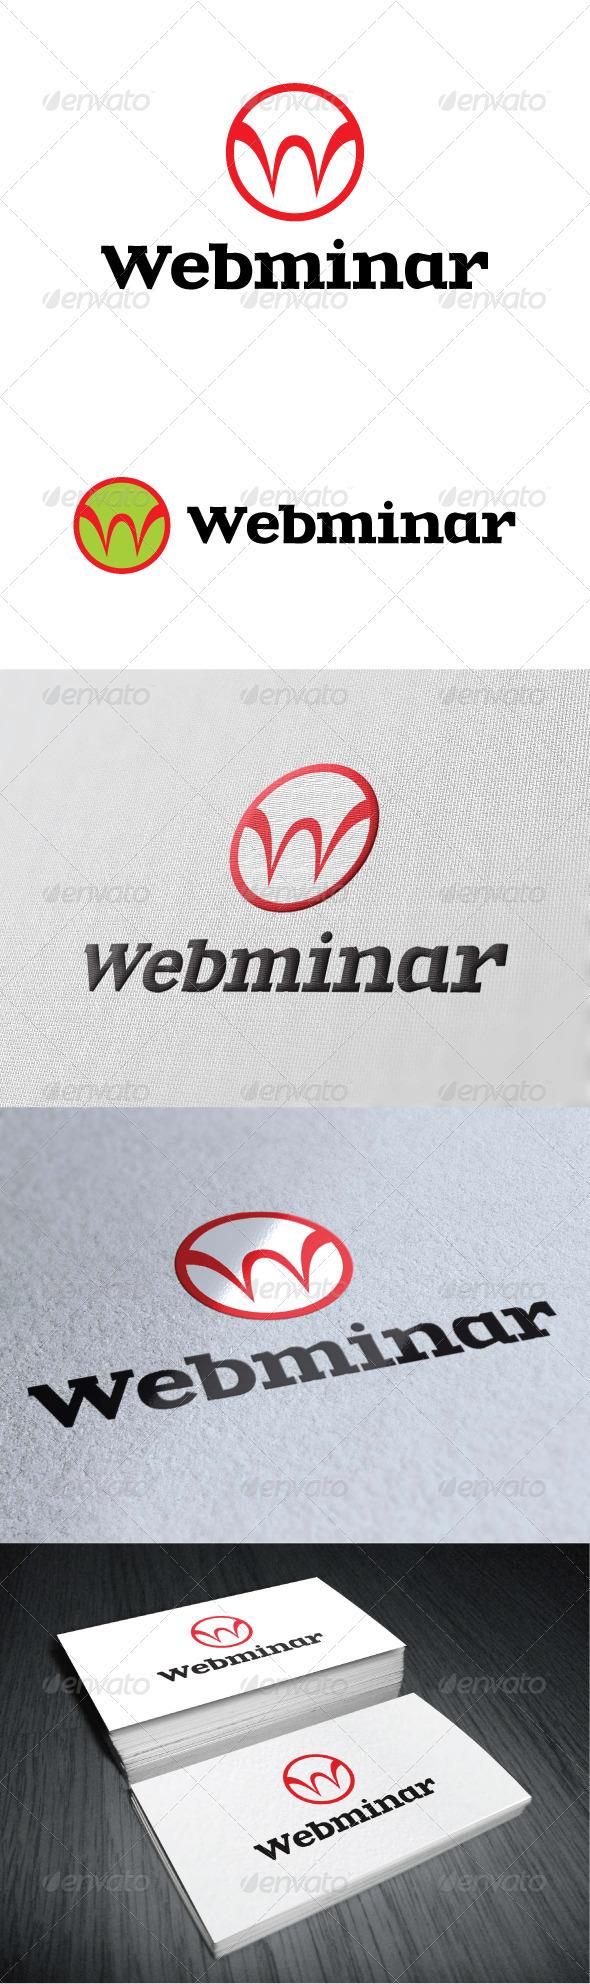 GraphicRiver Webminar Logo Template 3344348